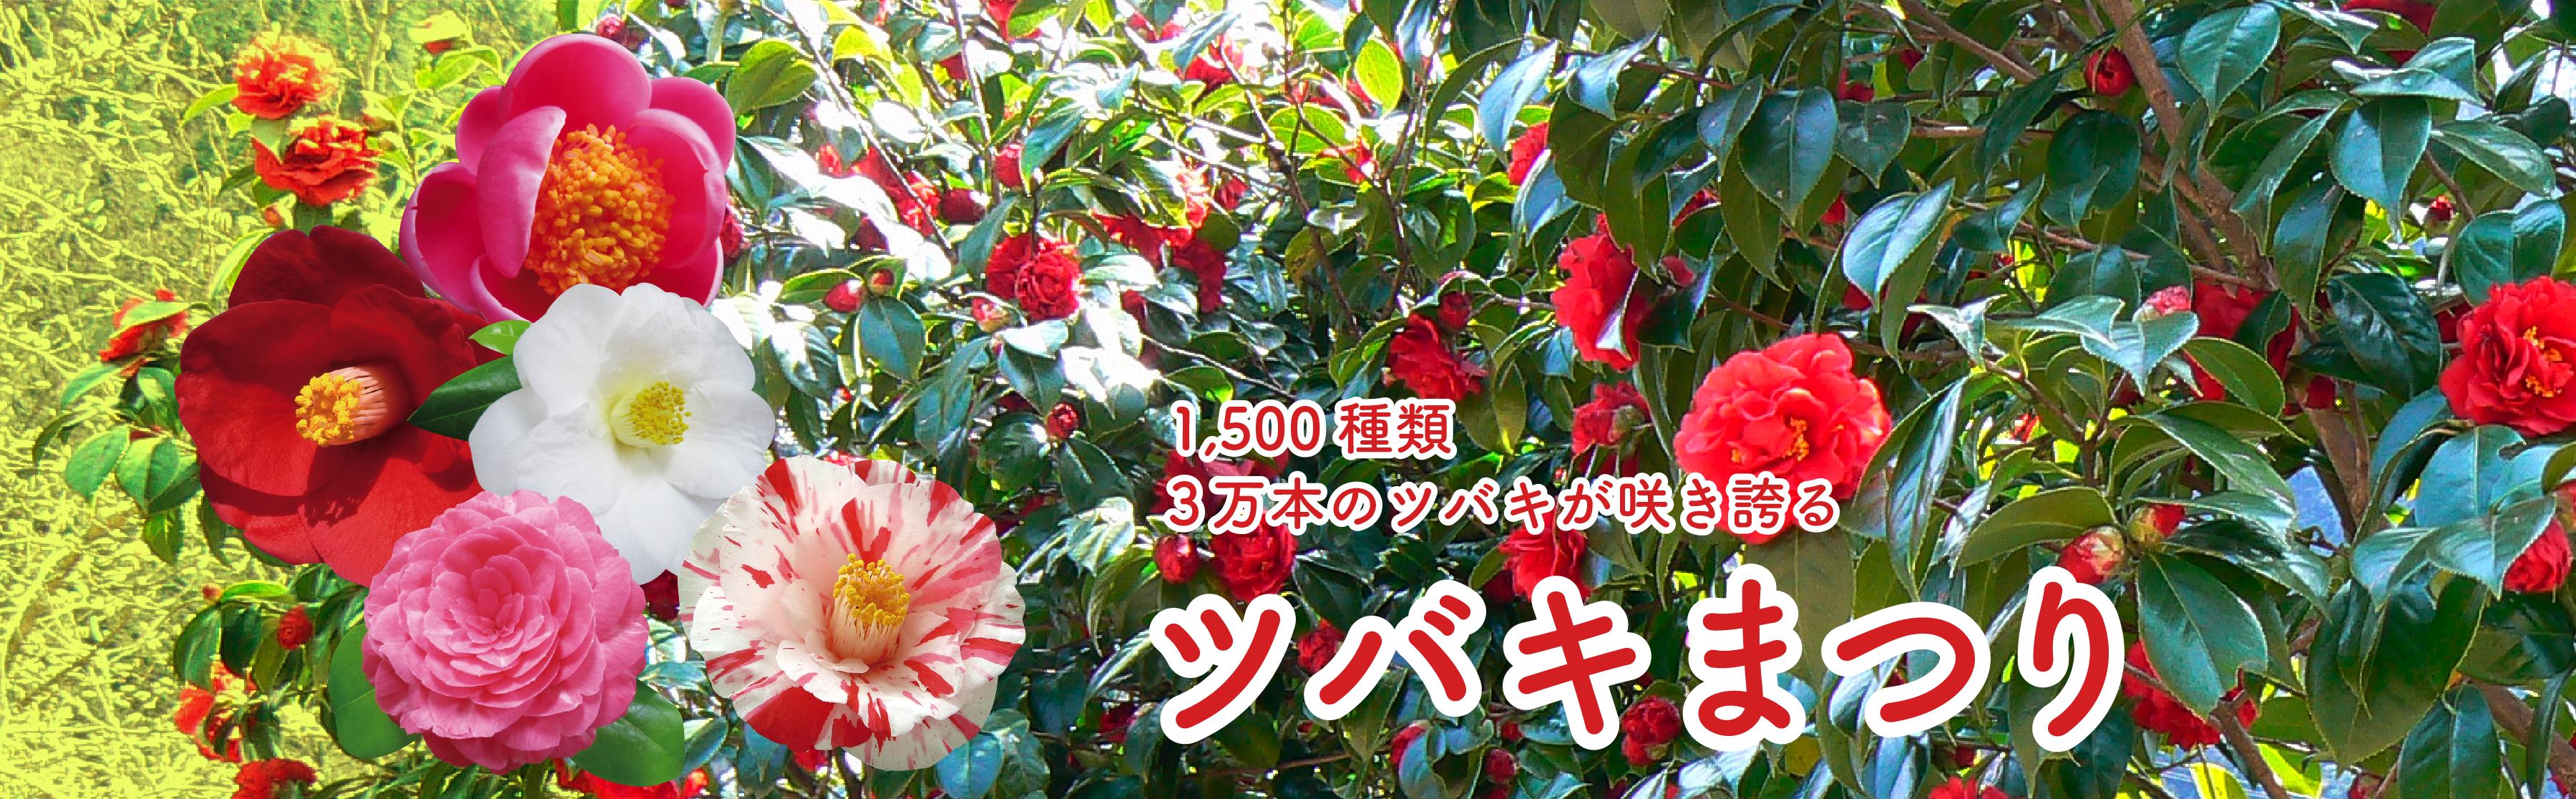 2019 ツバキまつり(京都府舞鶴市)